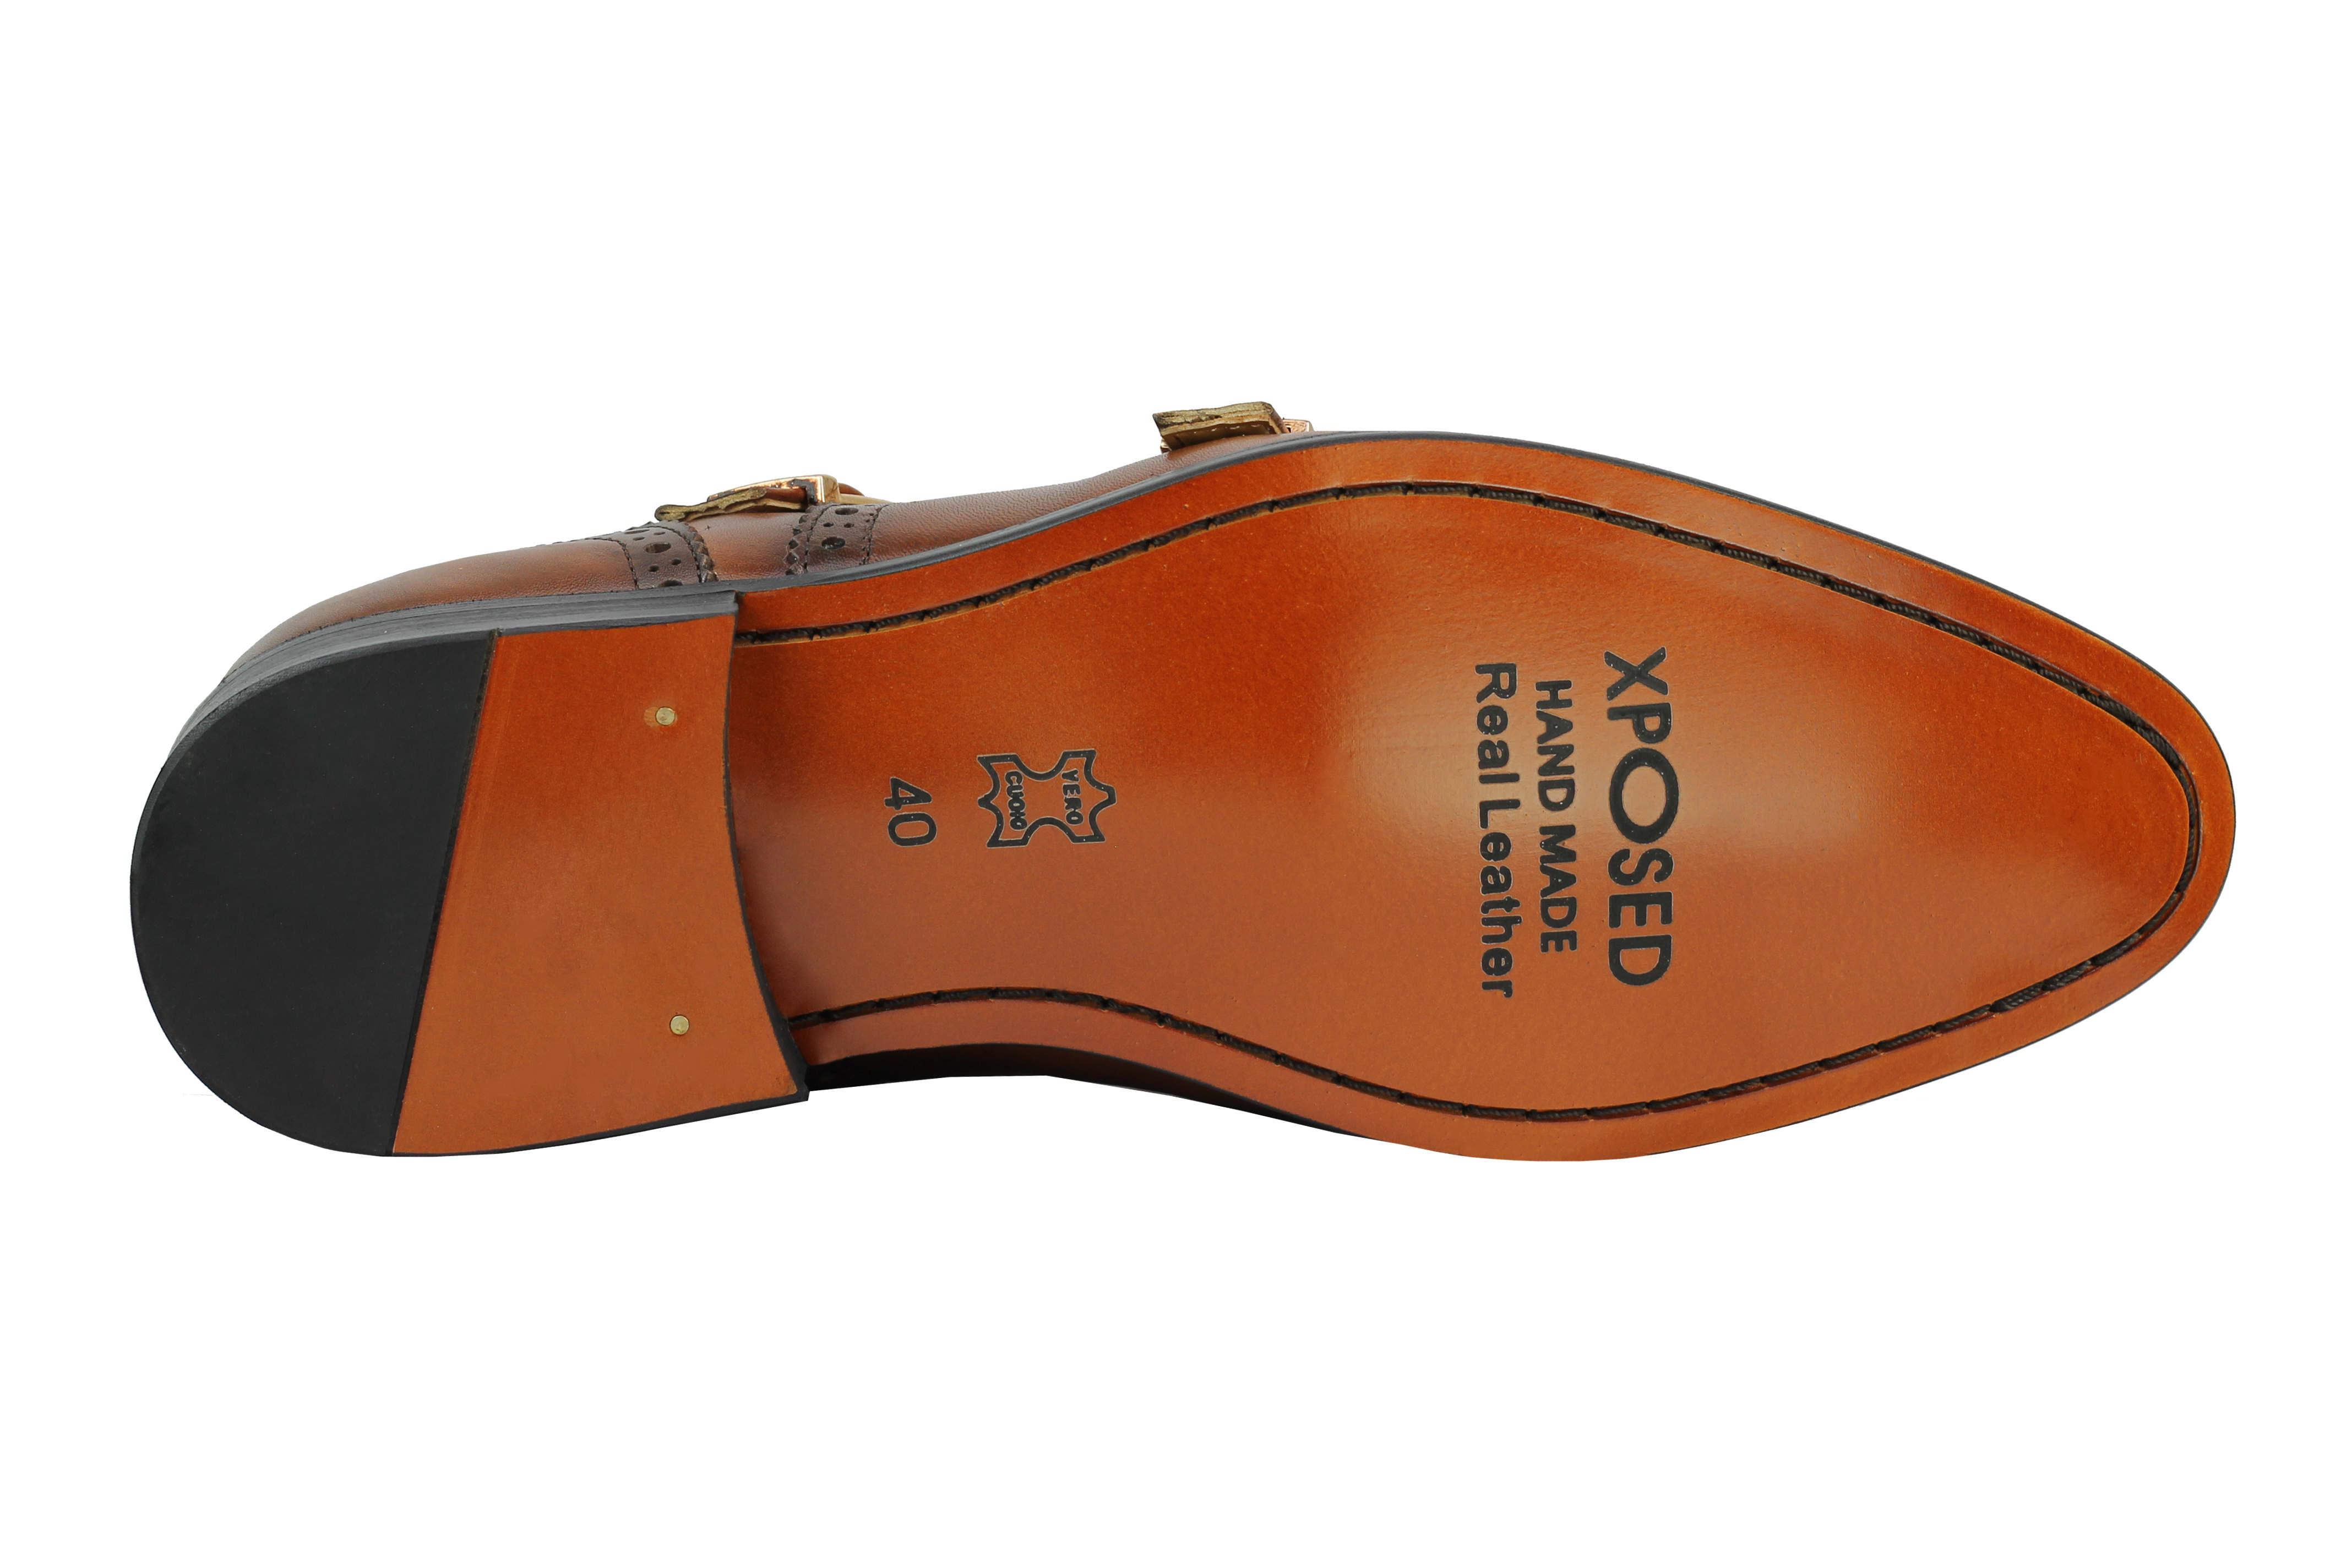 Vintage-pour-homme-Noir-Marron-En-Cuir-Veritable-Richelieu-a-Moine-Chaussures-elegant-Formel-Lacet miniature 12